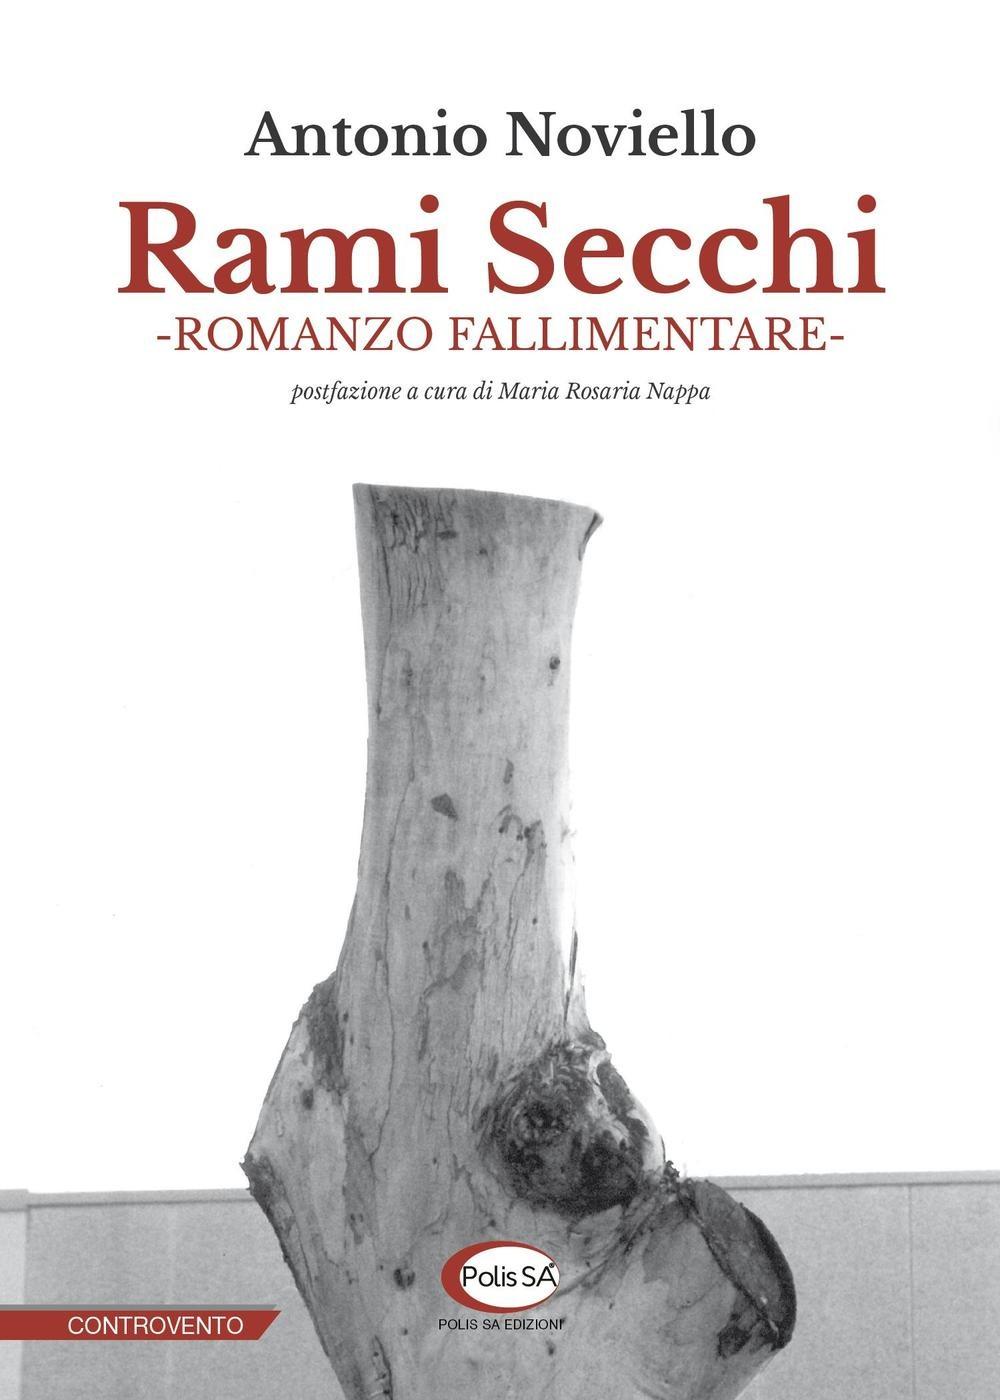 Rami Secchi, Antonio Noviello